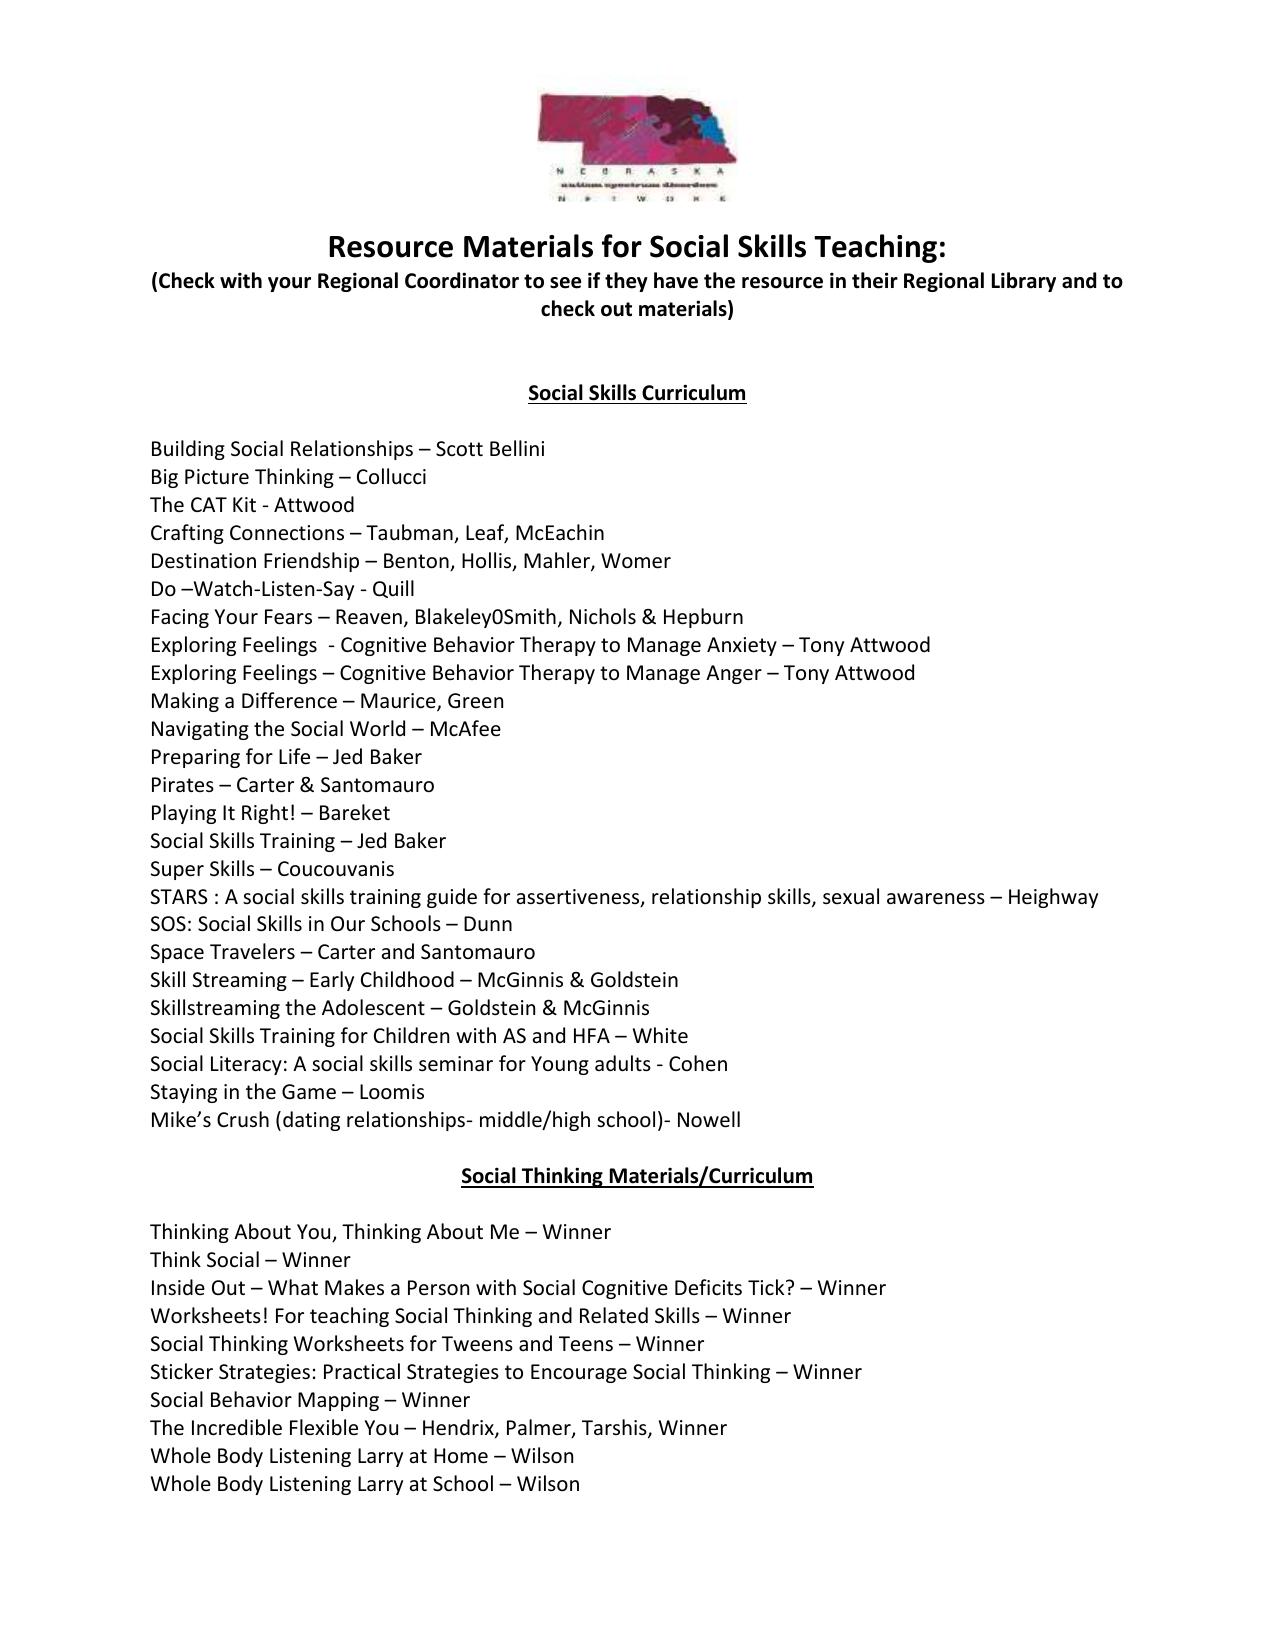 Social Skills Curriculum List